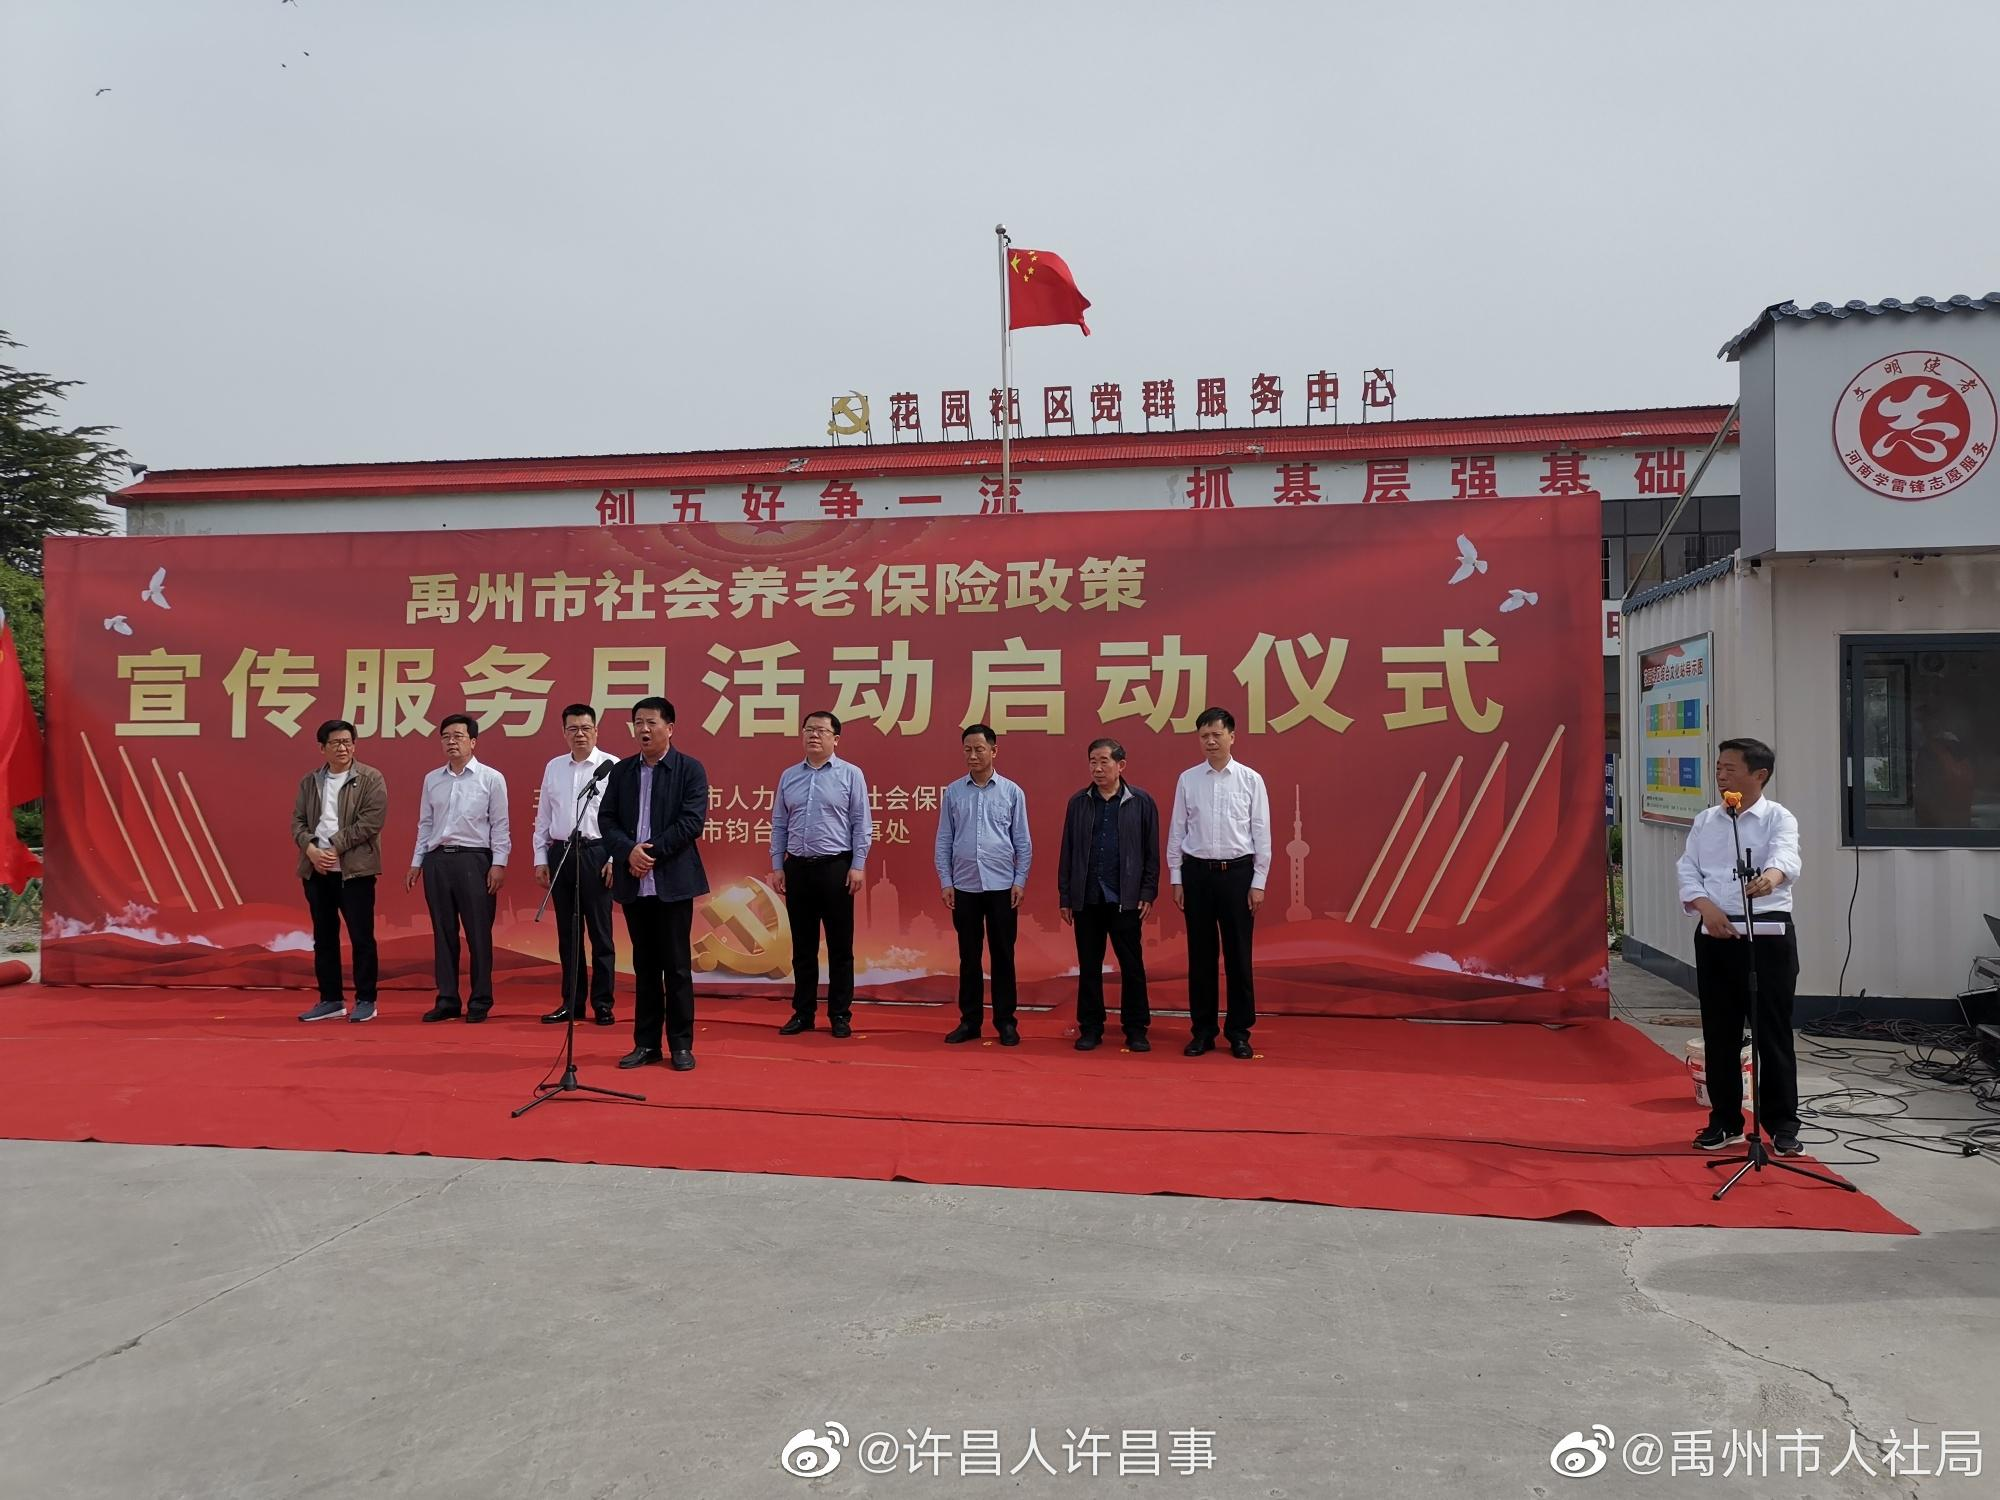 禹州社会养老保险政策宣传服务月开始啦!